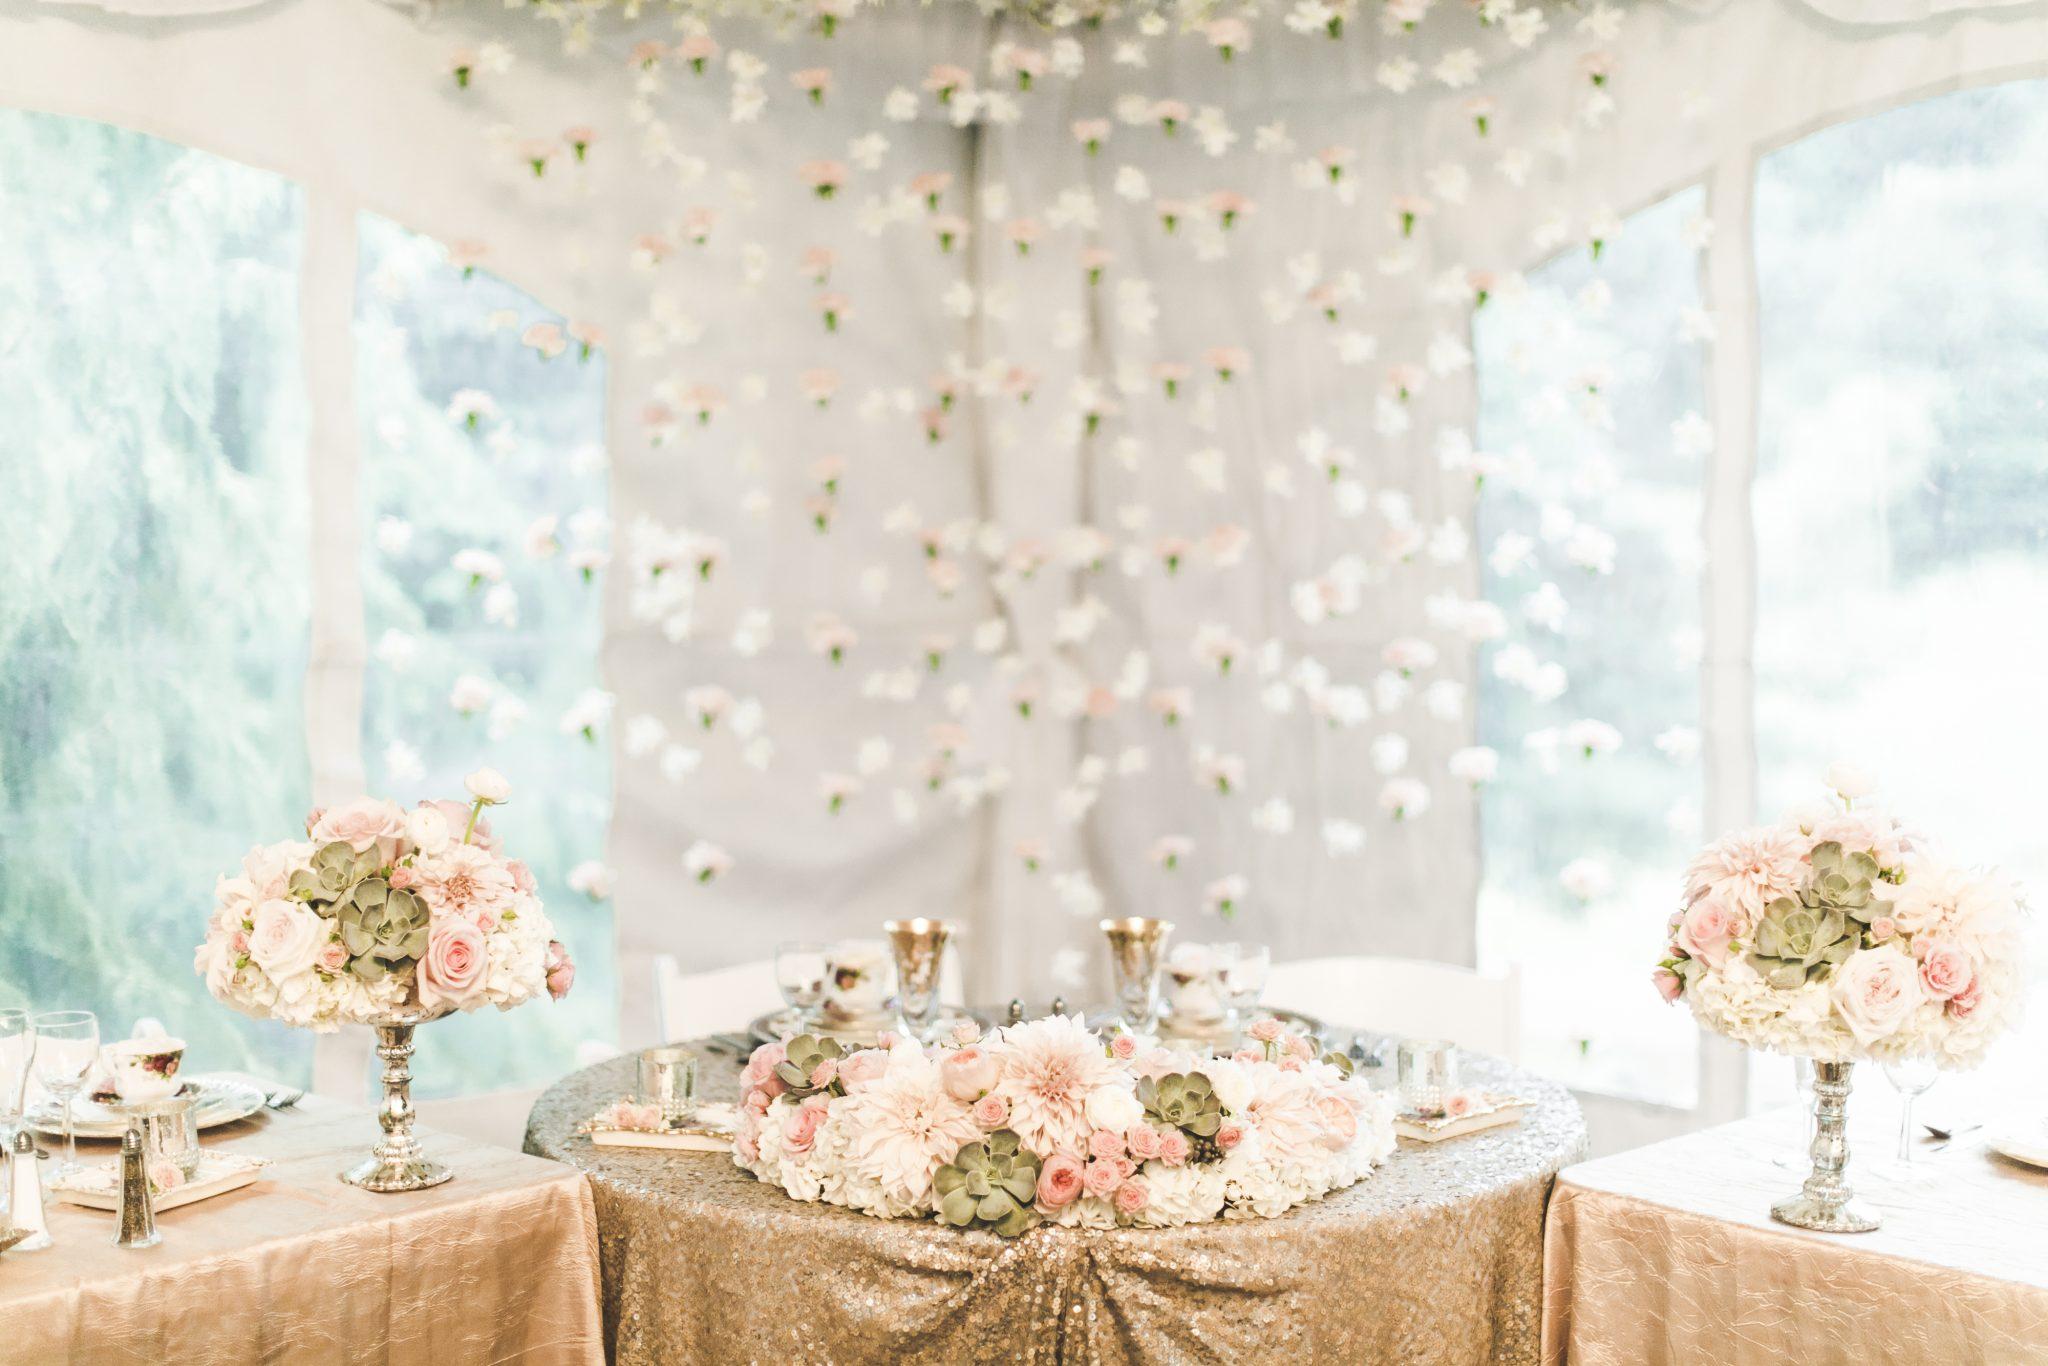 8Seattle-Floral-Design-wedding-centerpiece-vintage-peach-blush ...